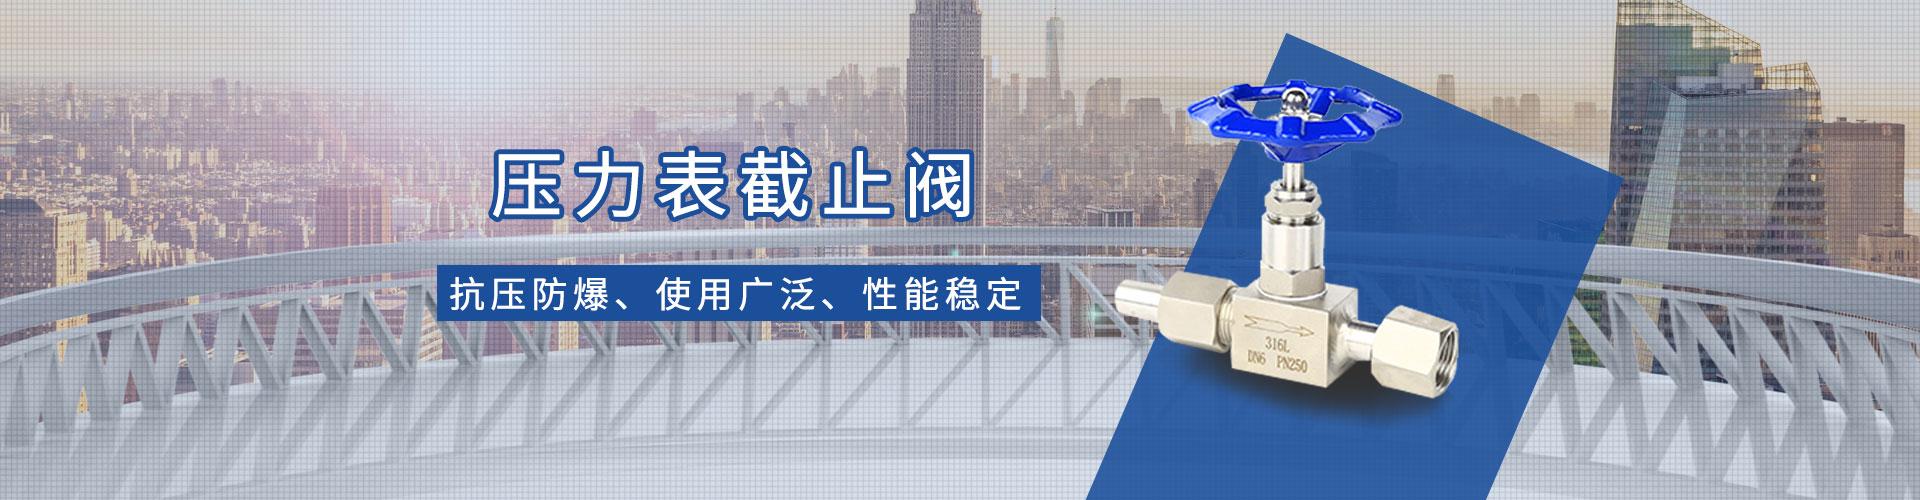 镇江市瑞创电力设备有限公司